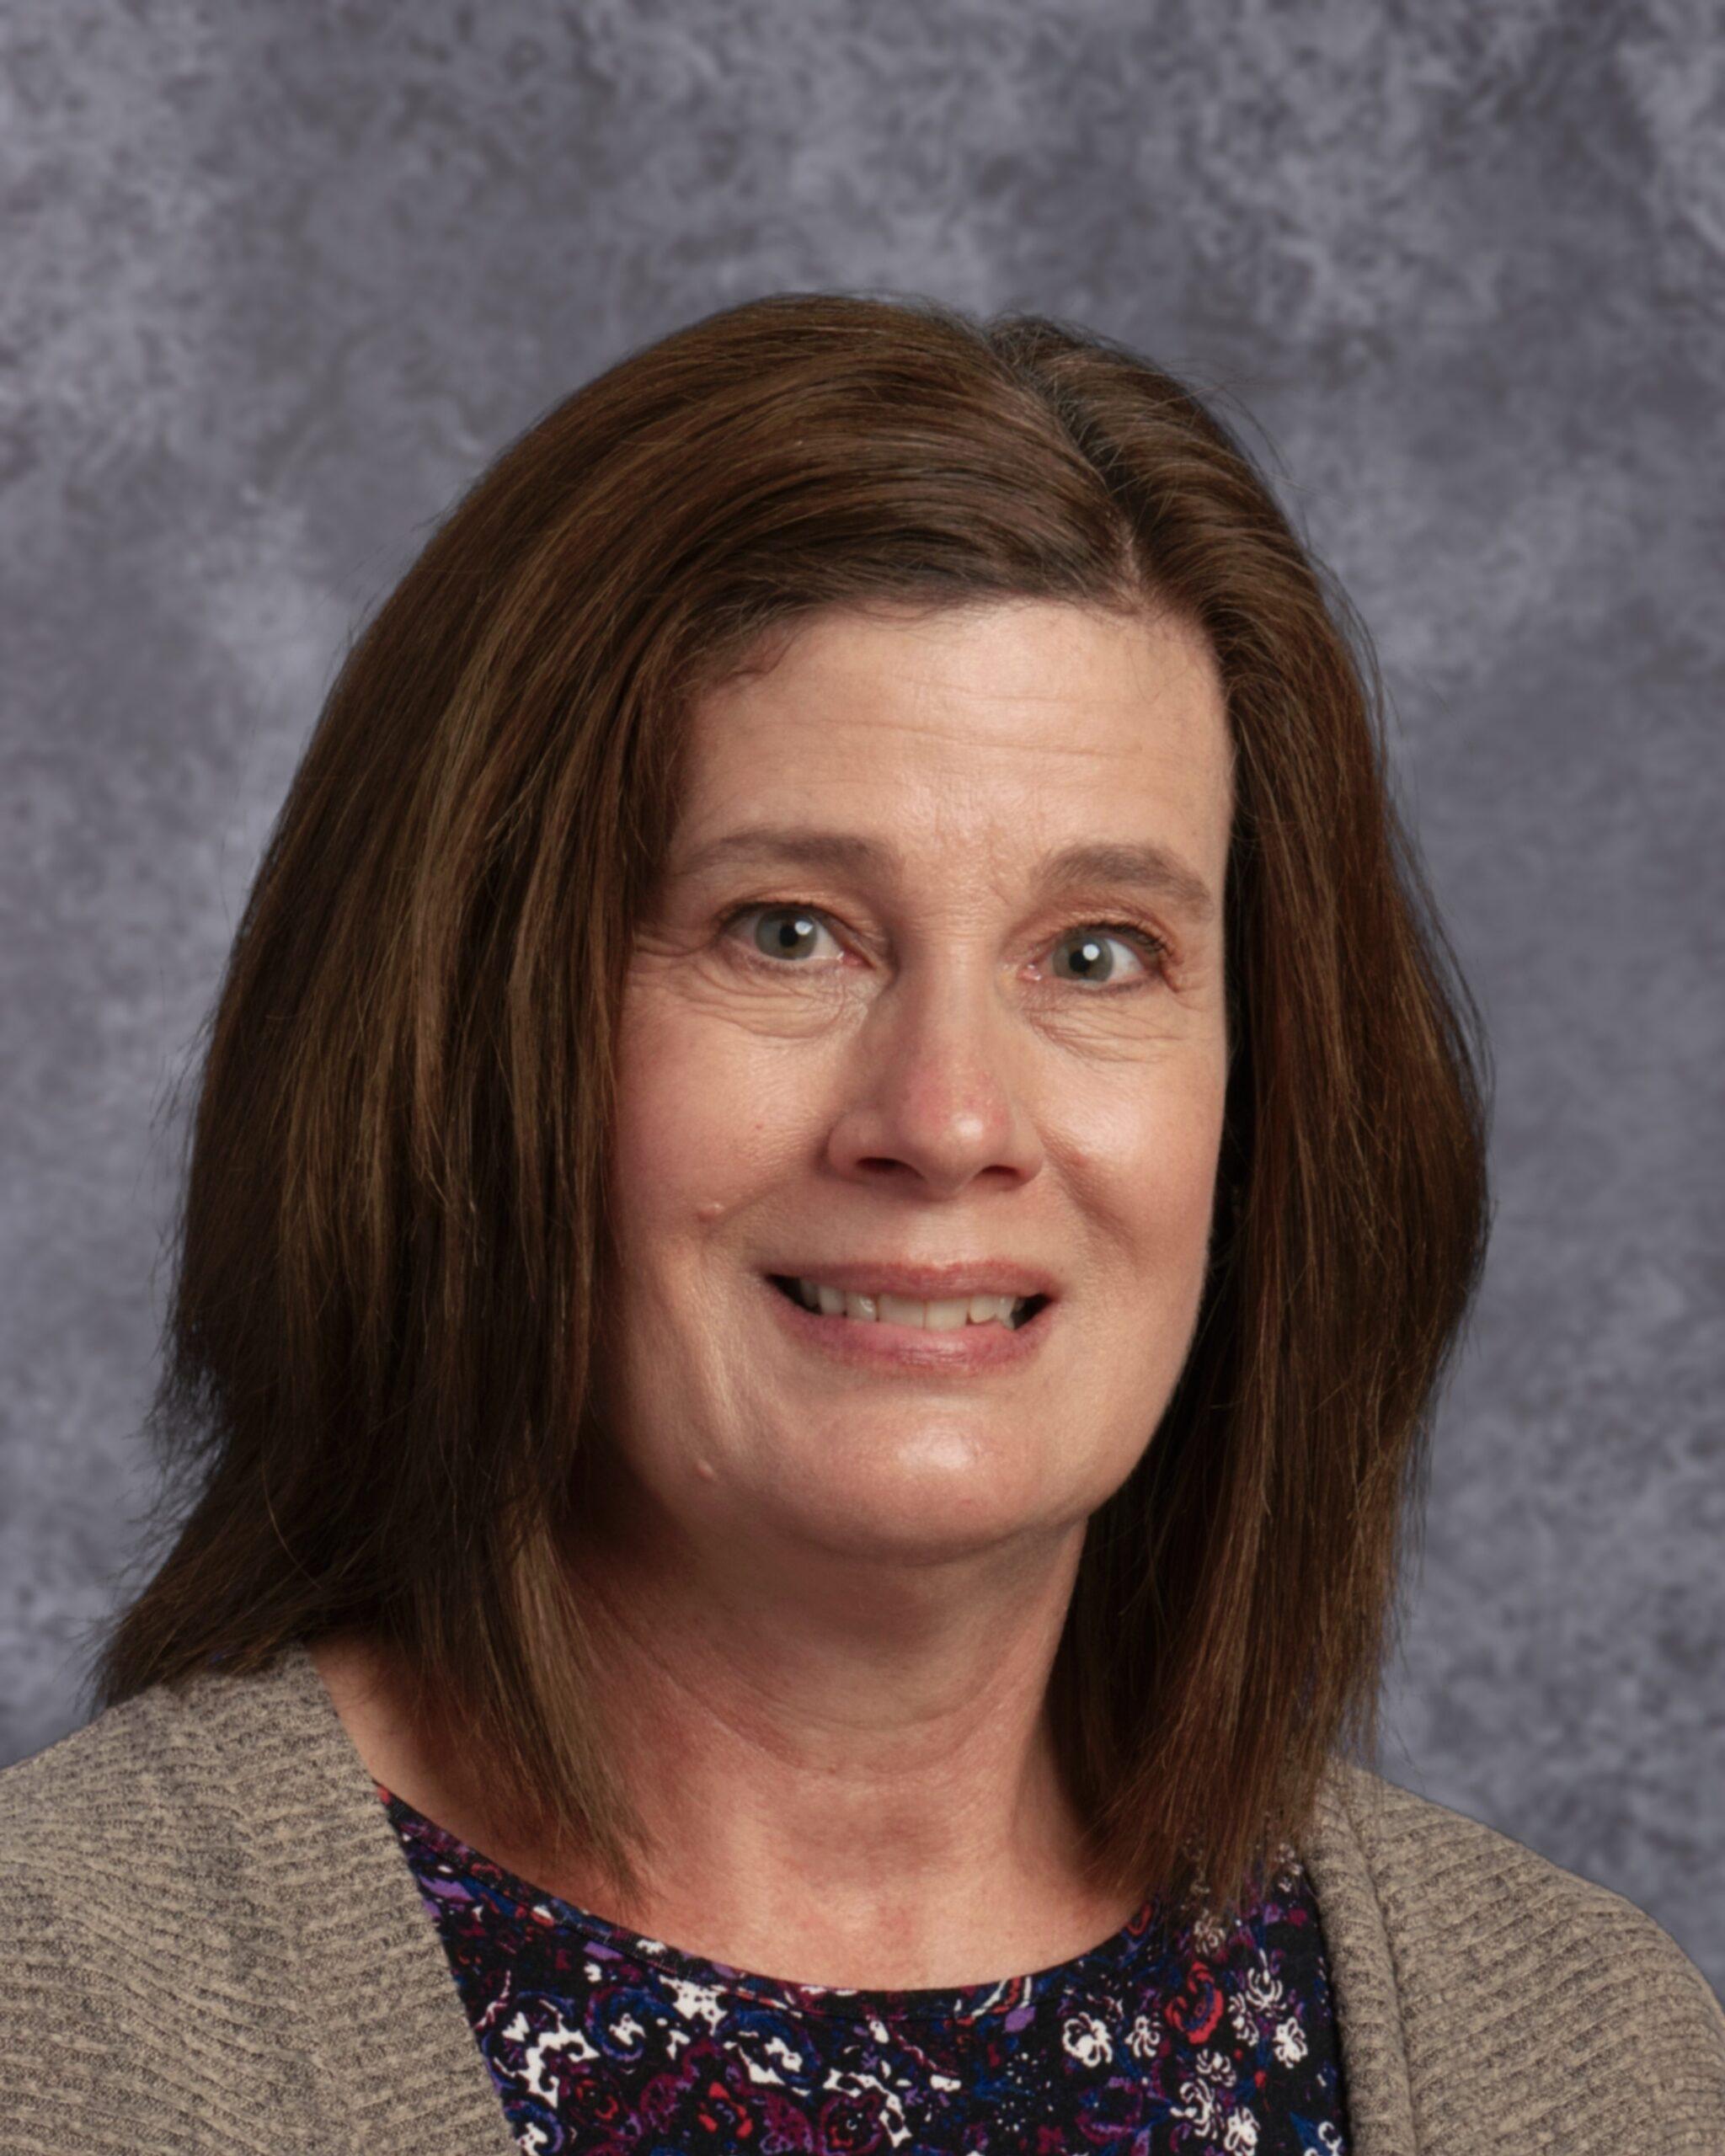 Heidi Sigmund